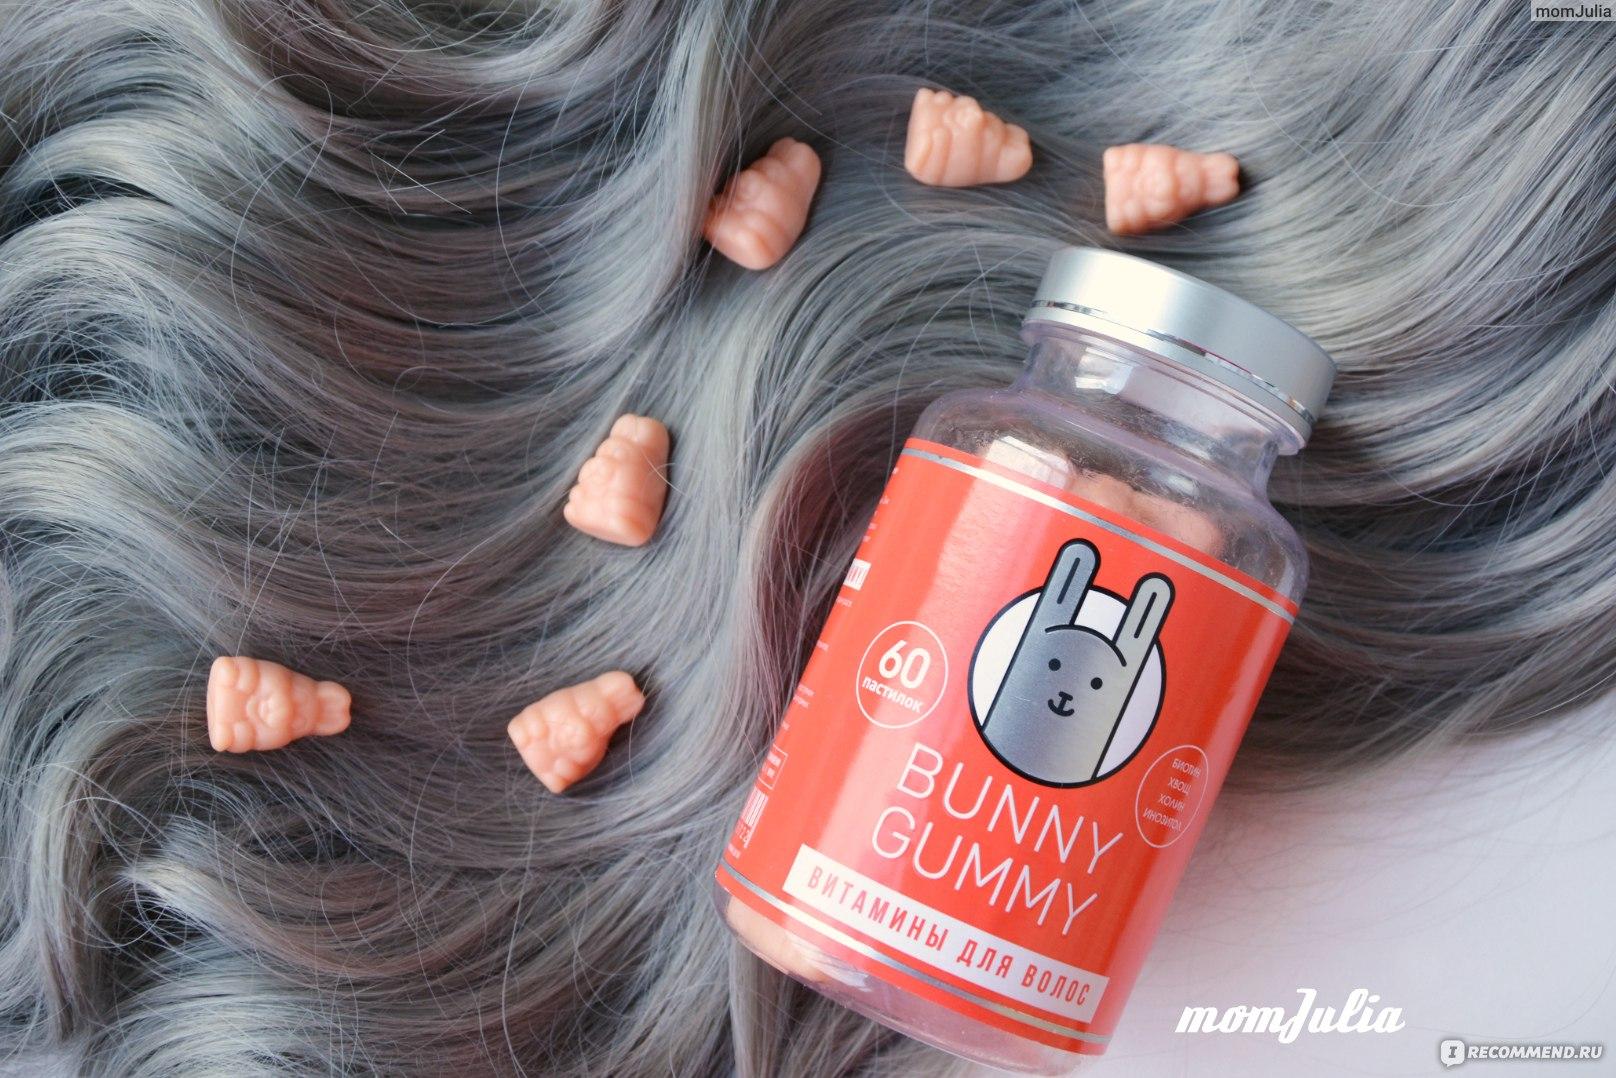 Bunny gummy витамины для волос